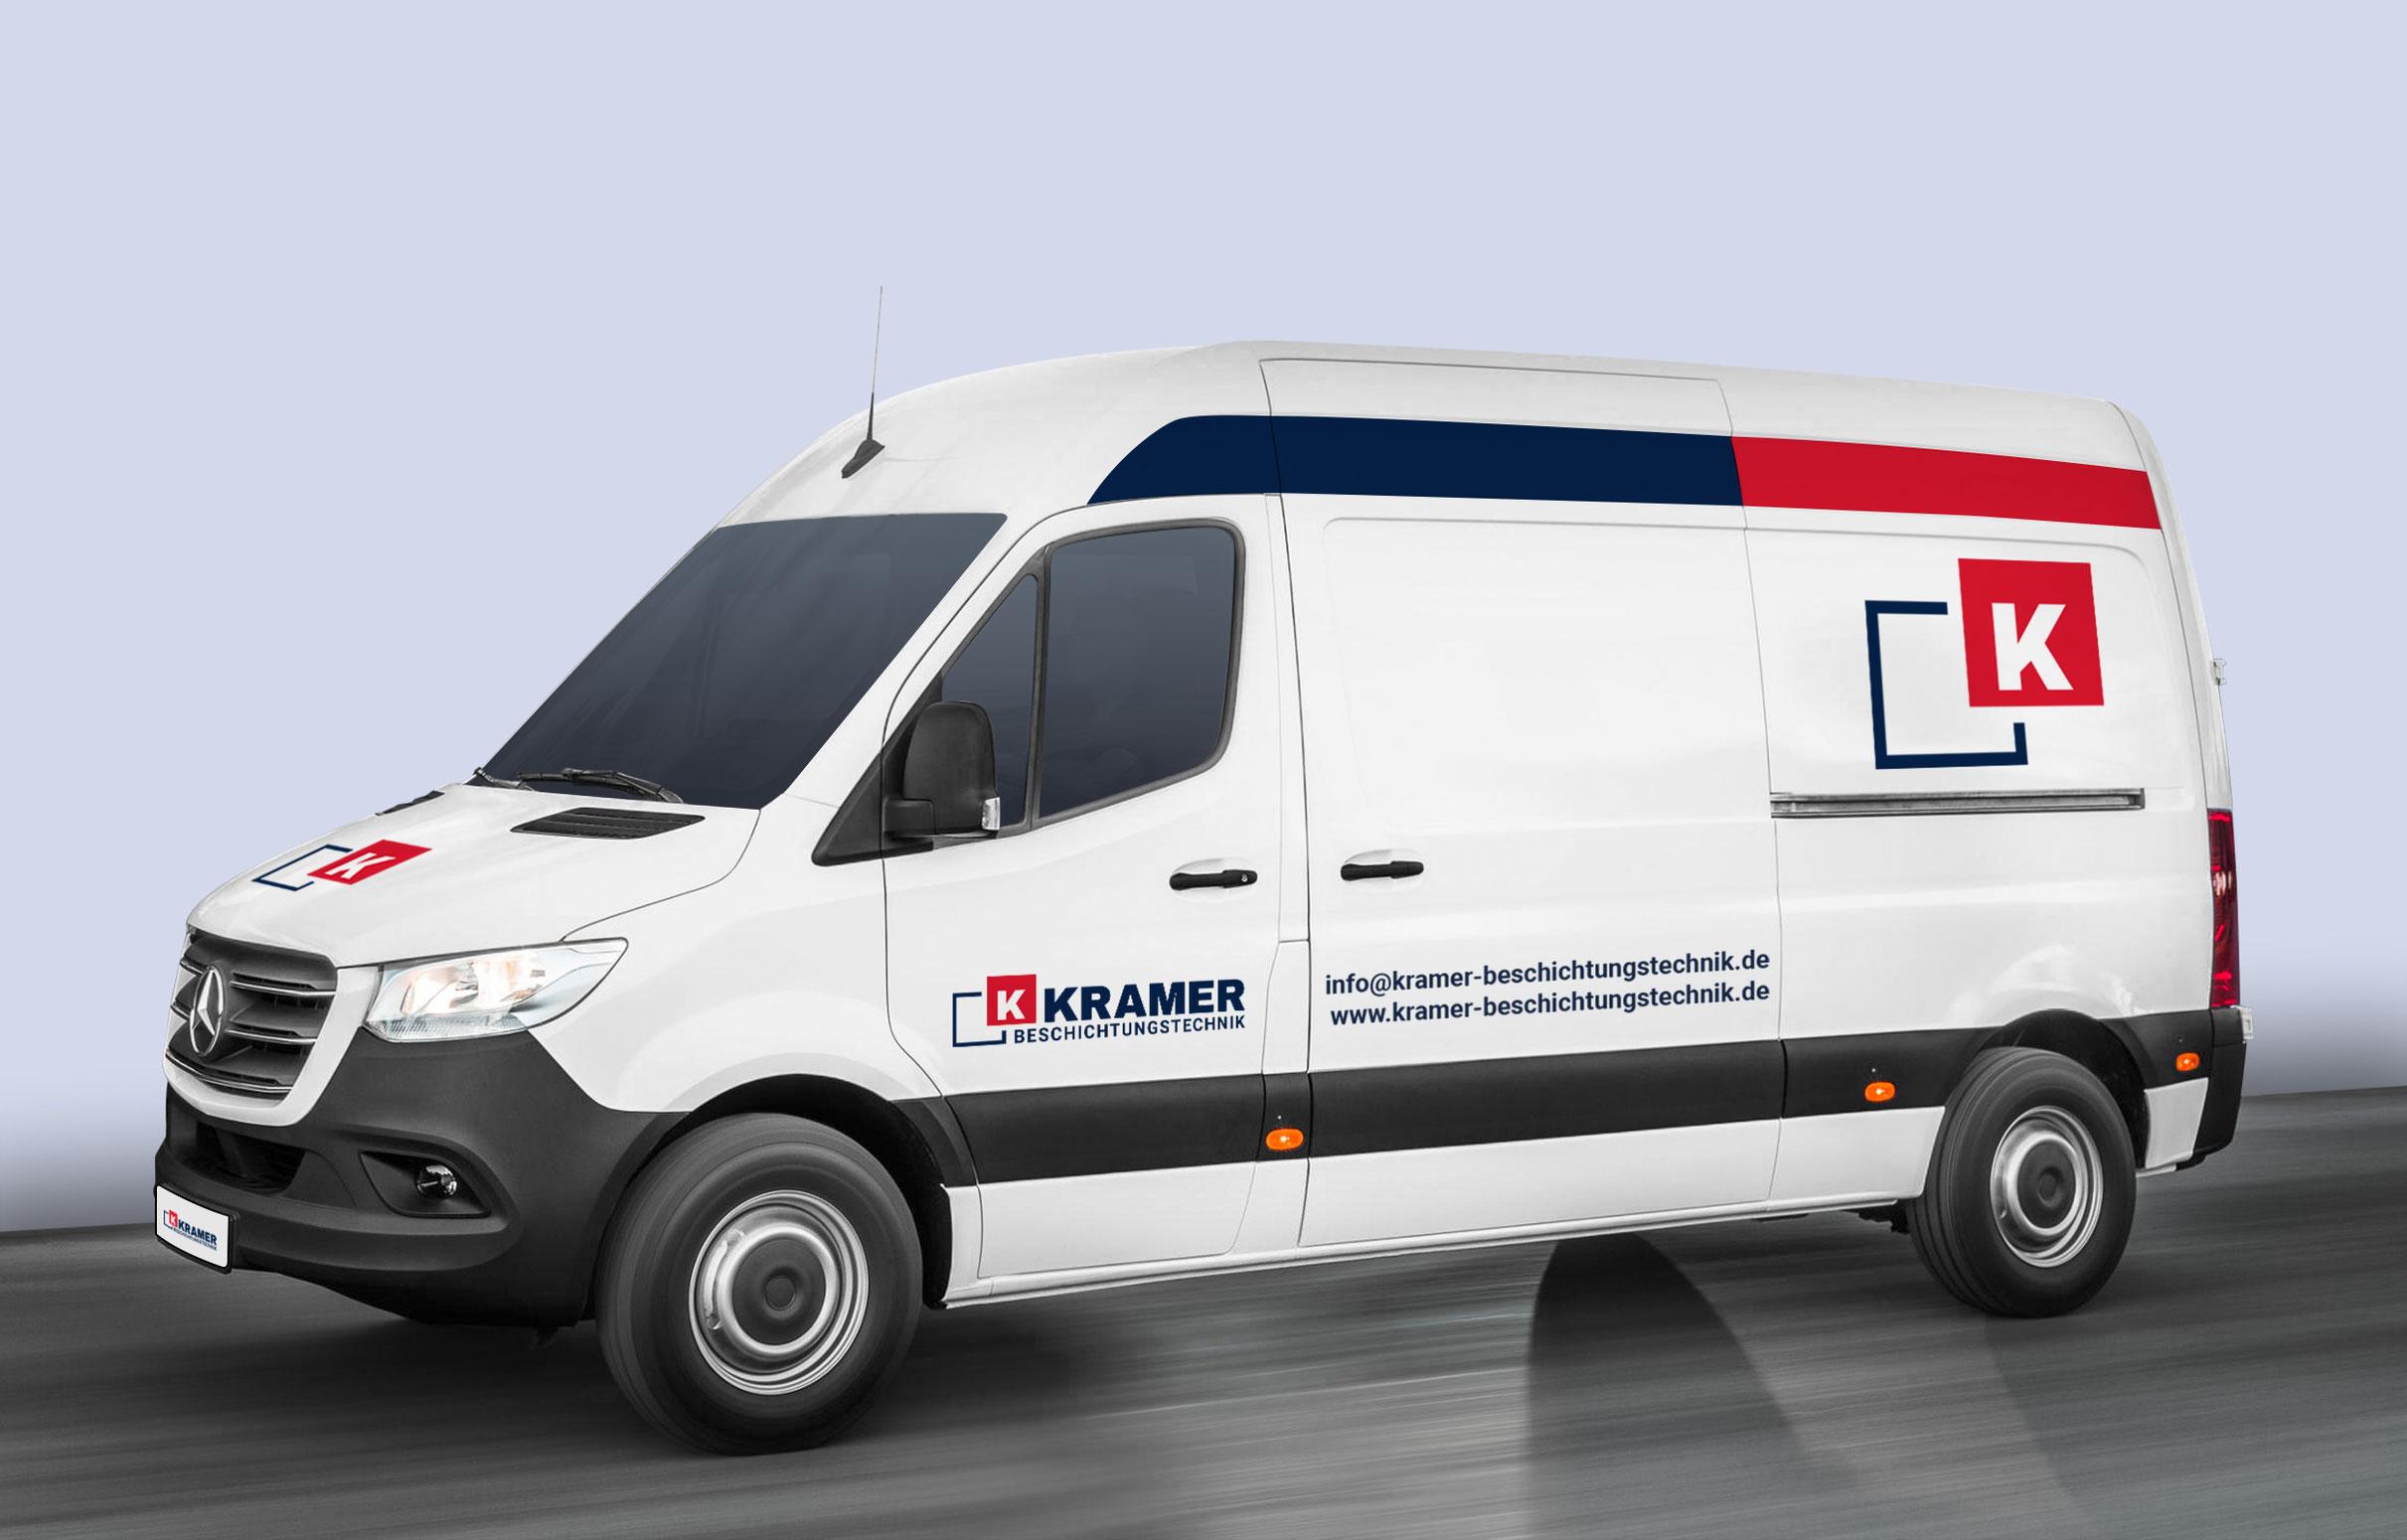 Kramer Beschichtungstechnik Fahrzeugbeschriftung